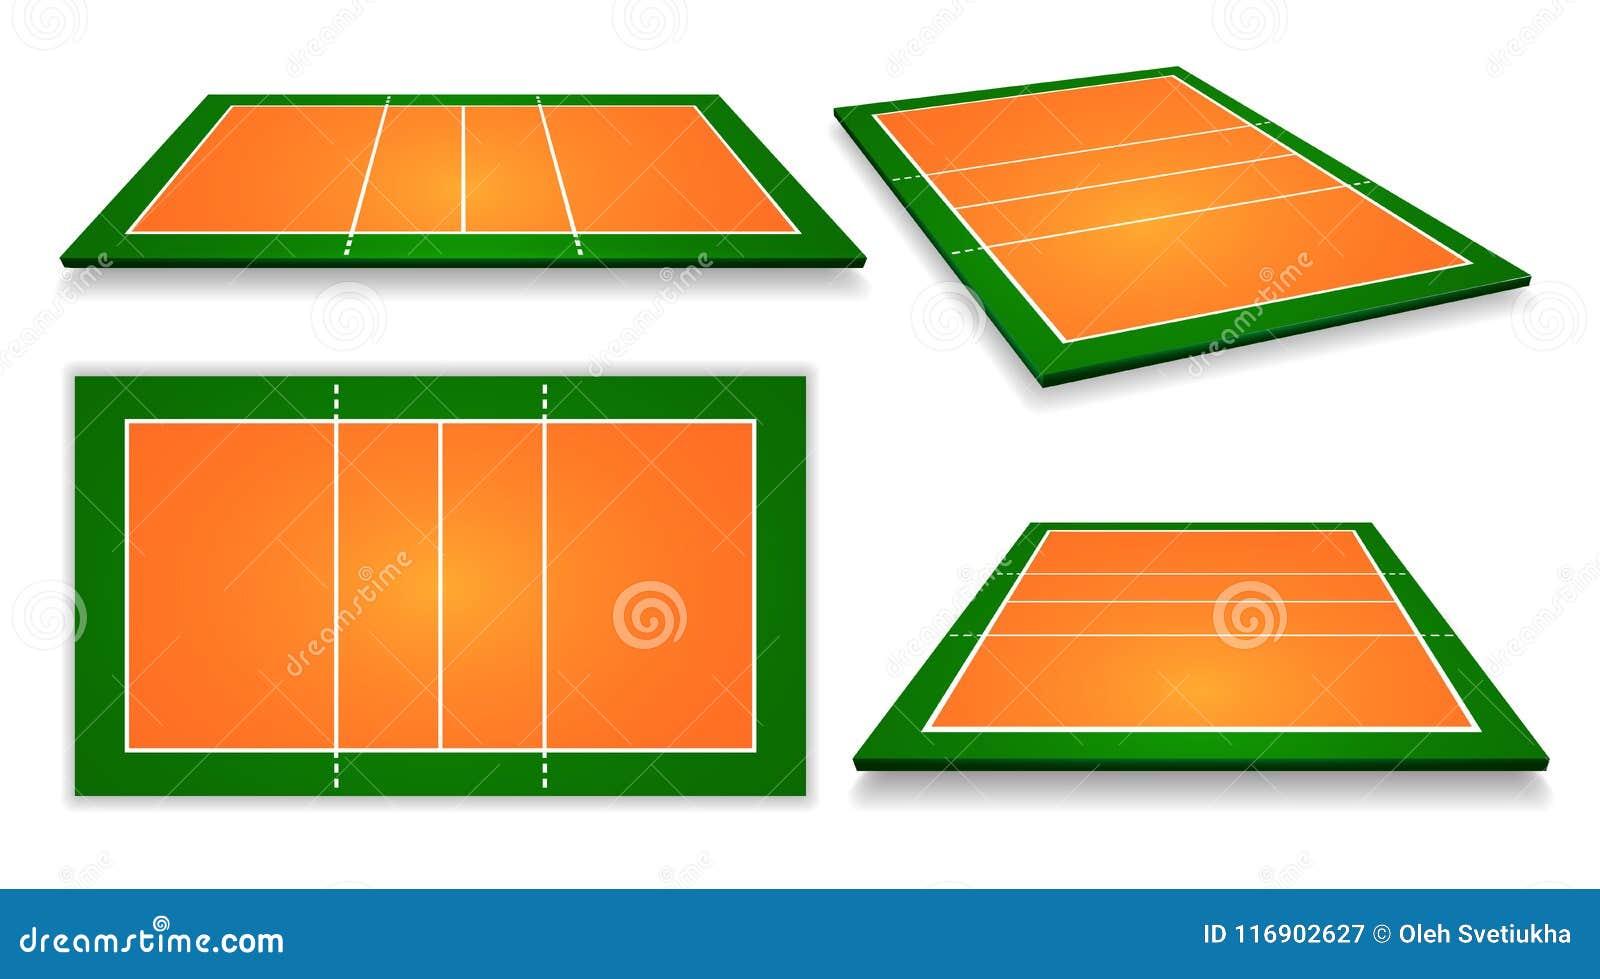 Un illustrazione di un insieme della corte di pallavolo di vista aerea Vettore ENV 10